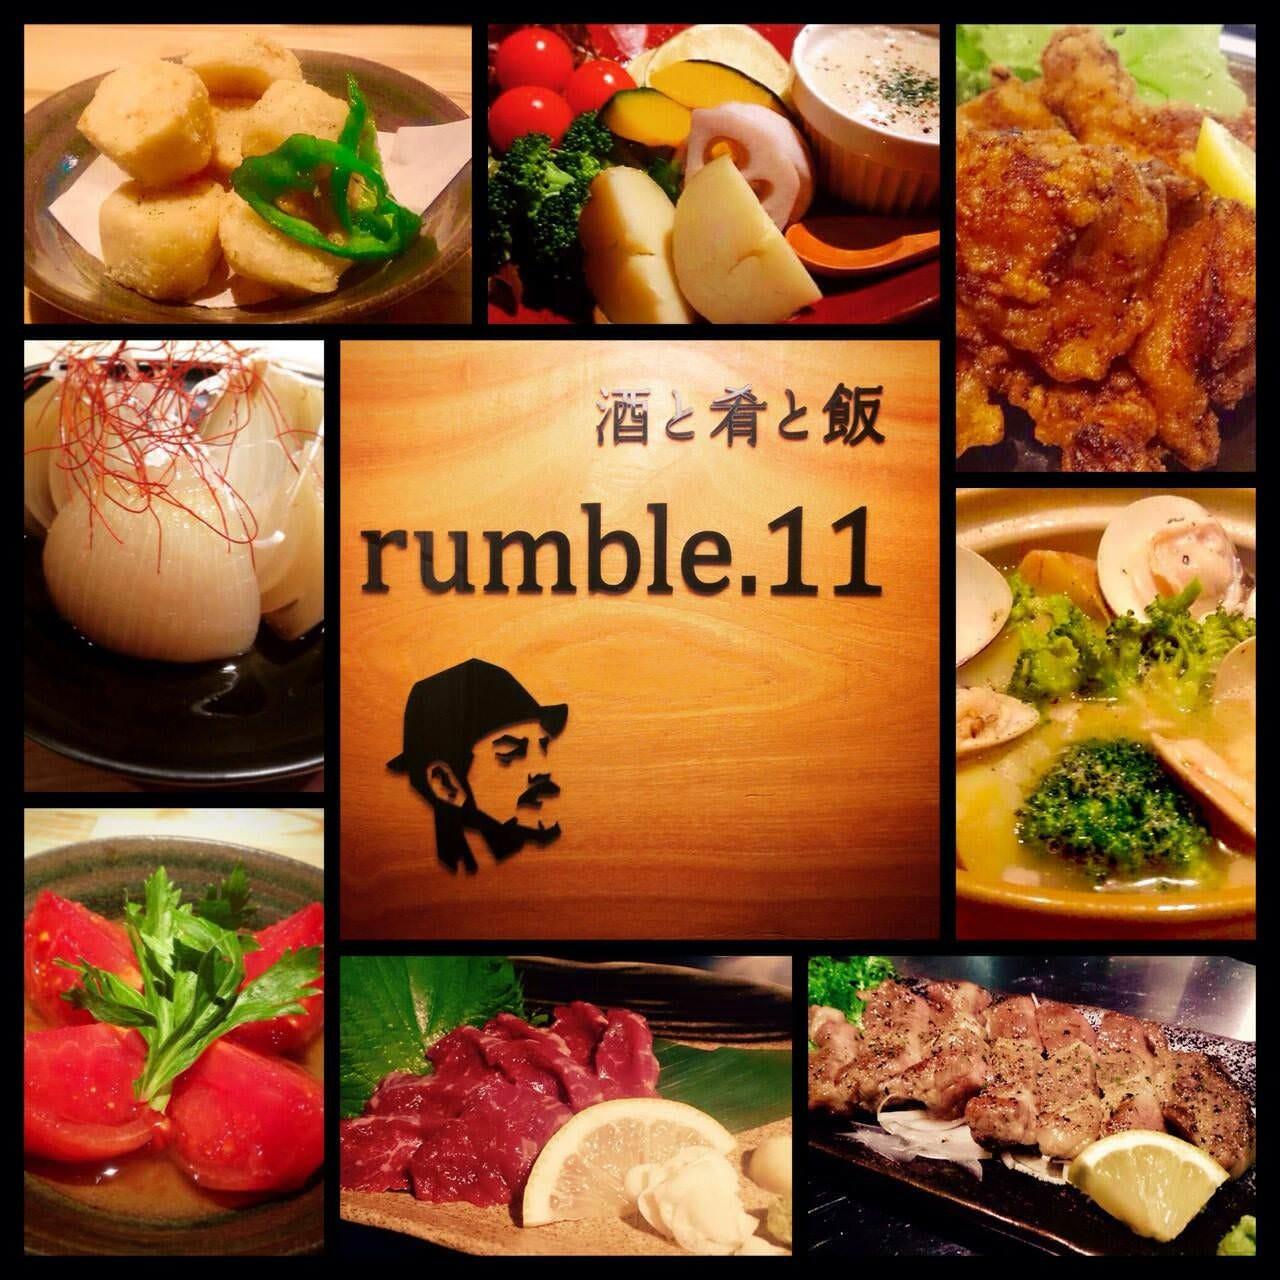 rumble.11